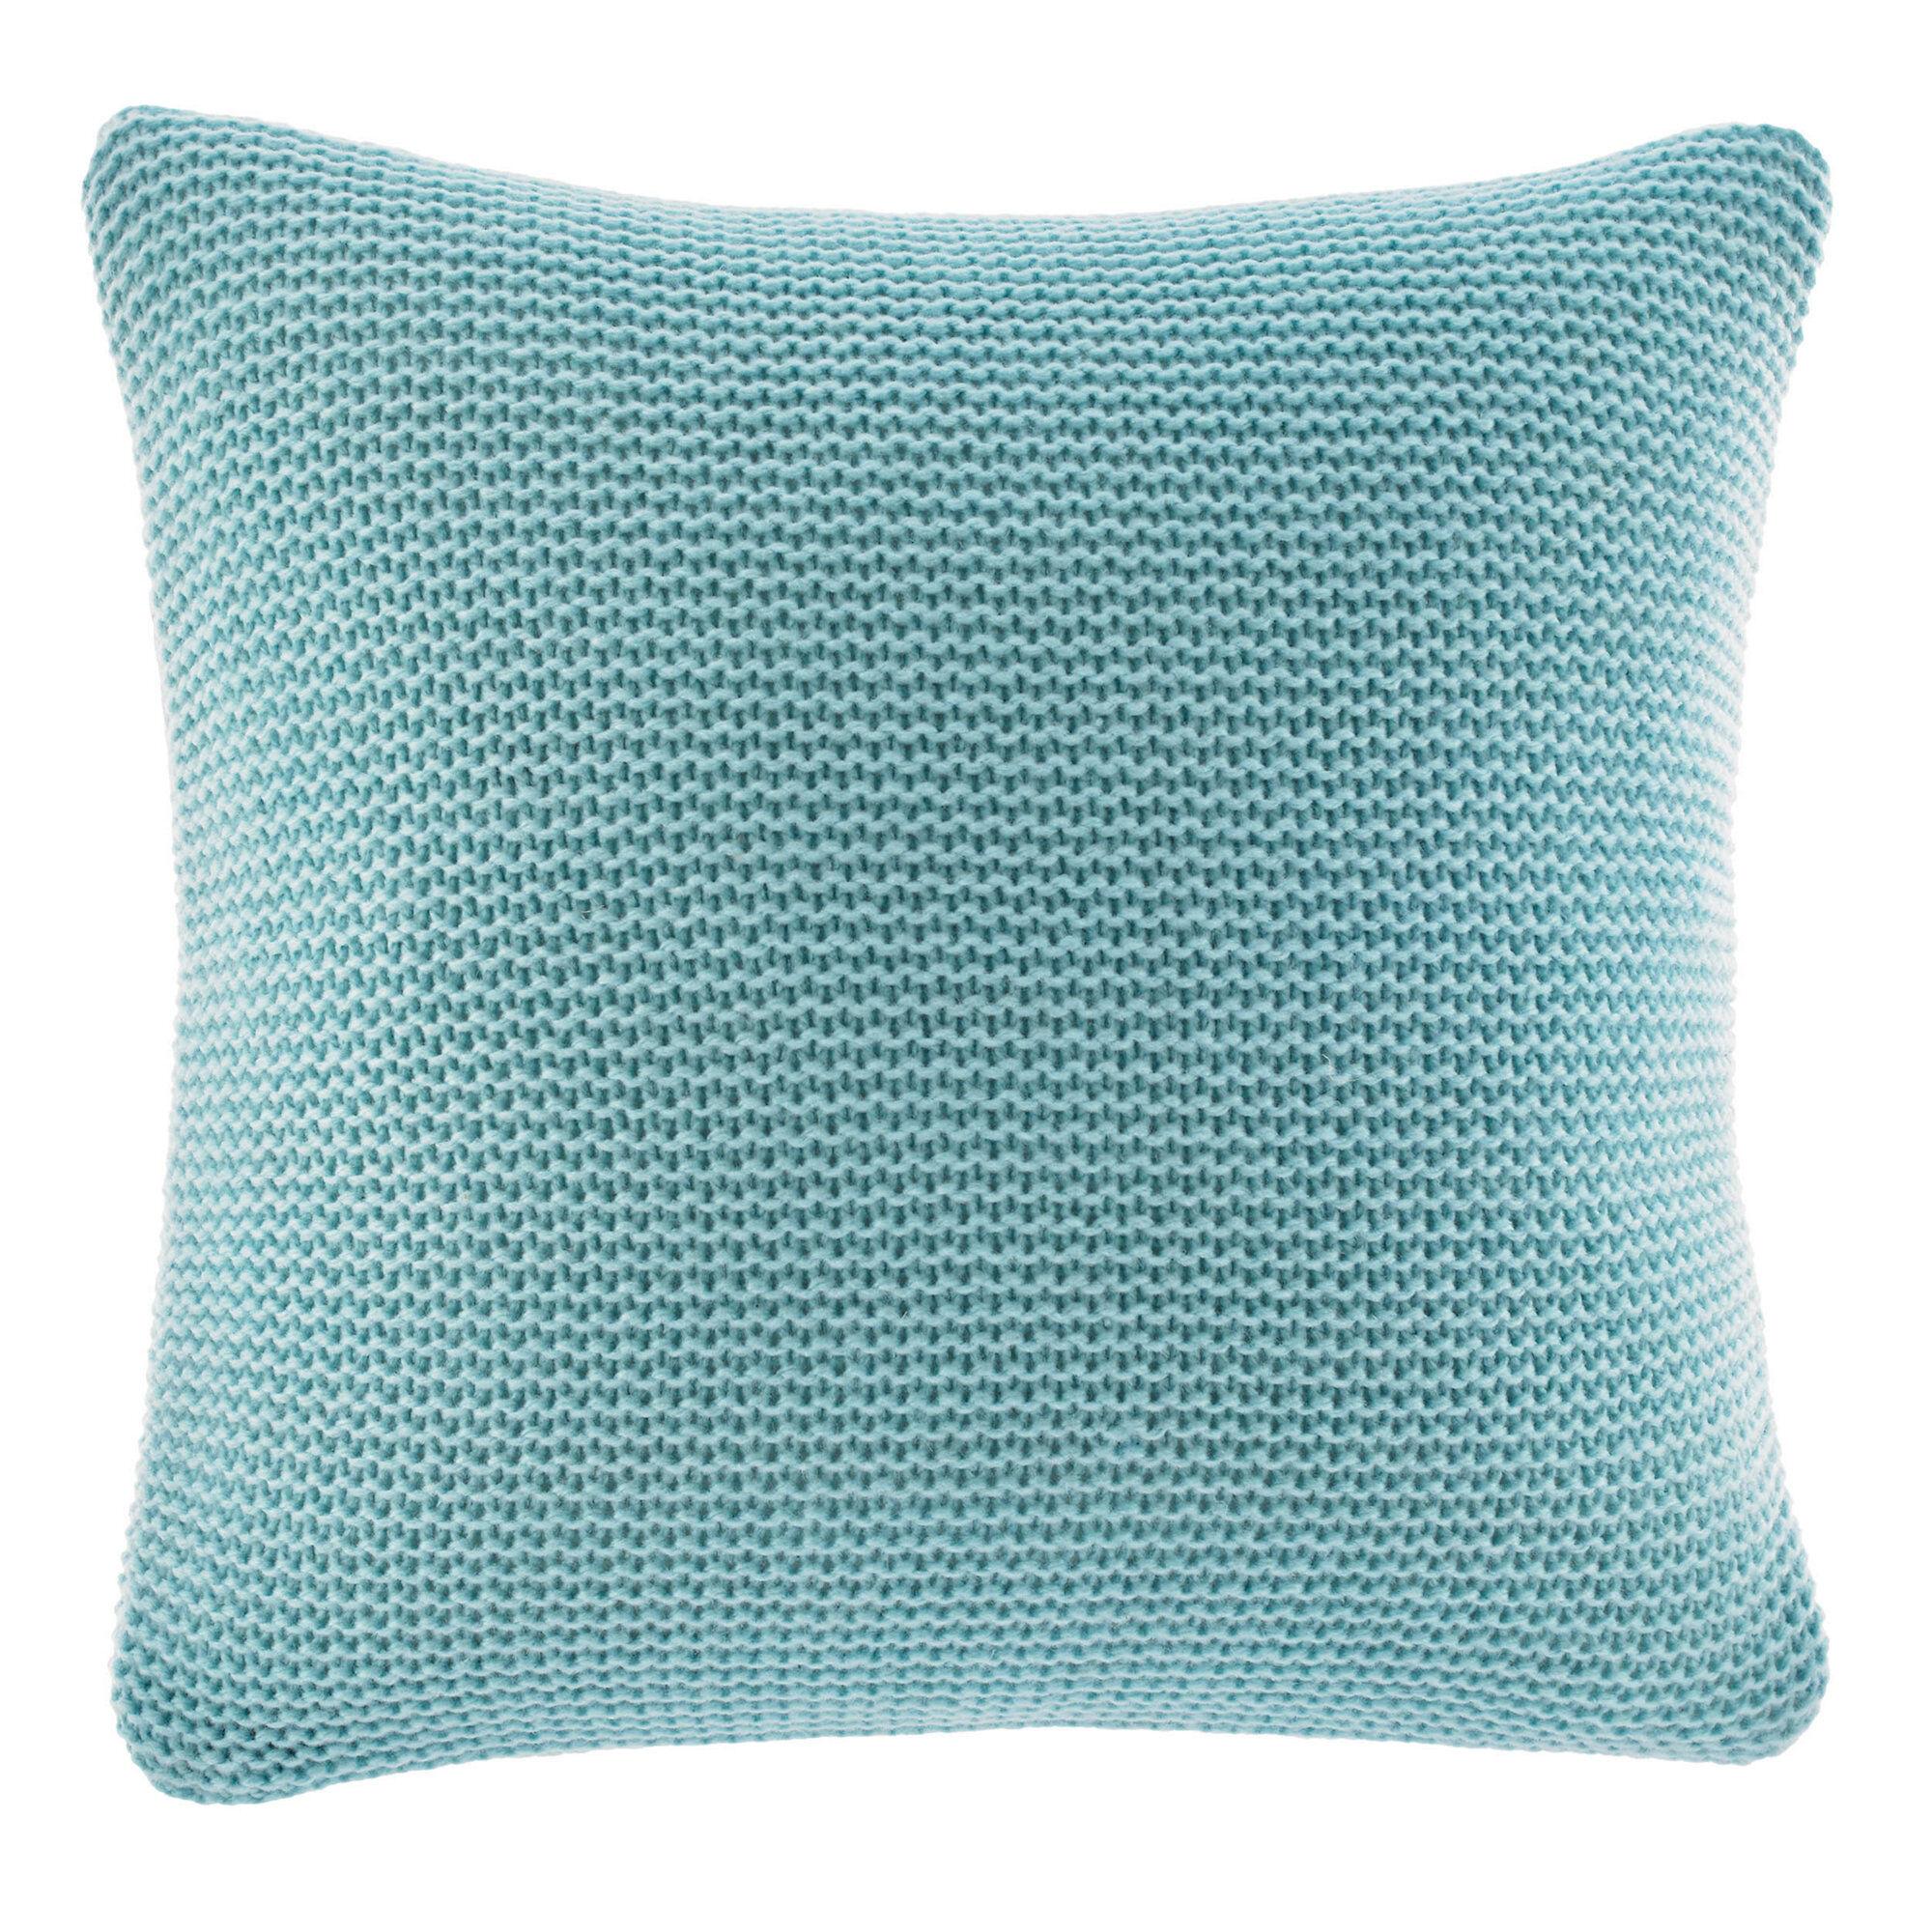 bell point aqua knit throw pillow